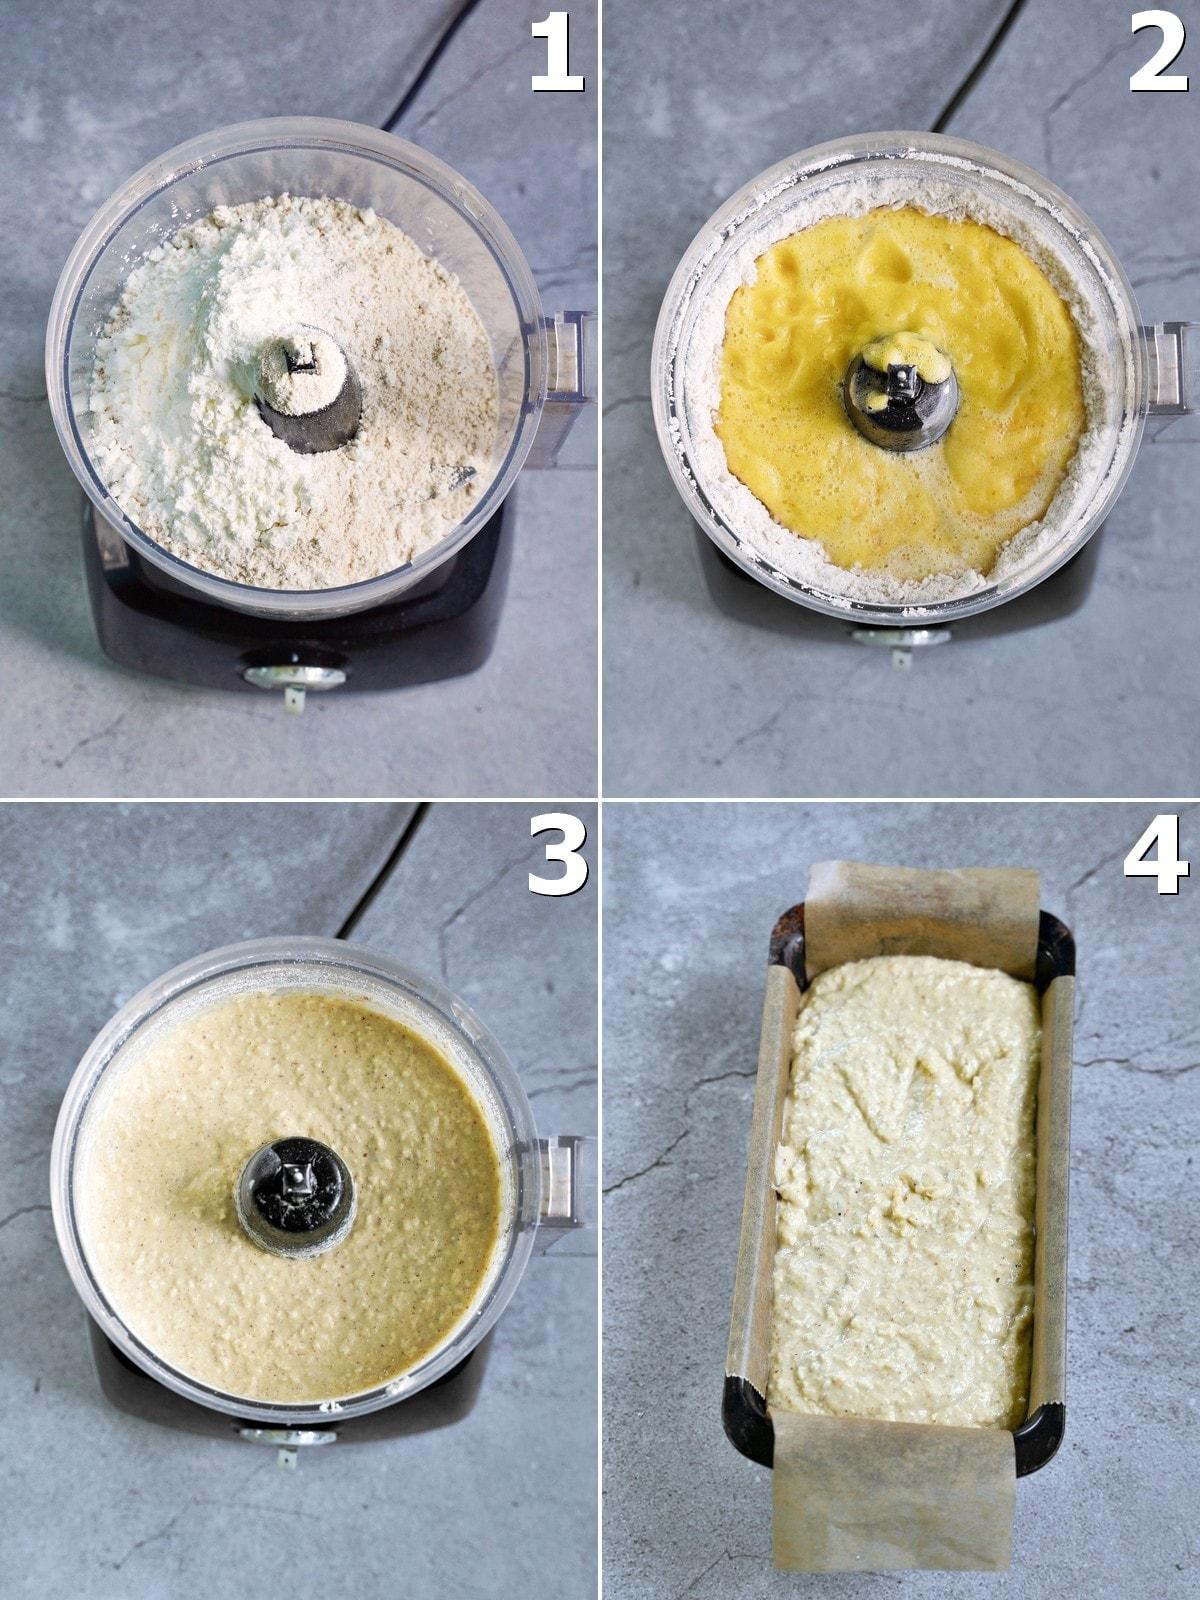 4 Schritt-für-Schritt-Fotos, wie man einen Rührkuchen mit Ananas macht